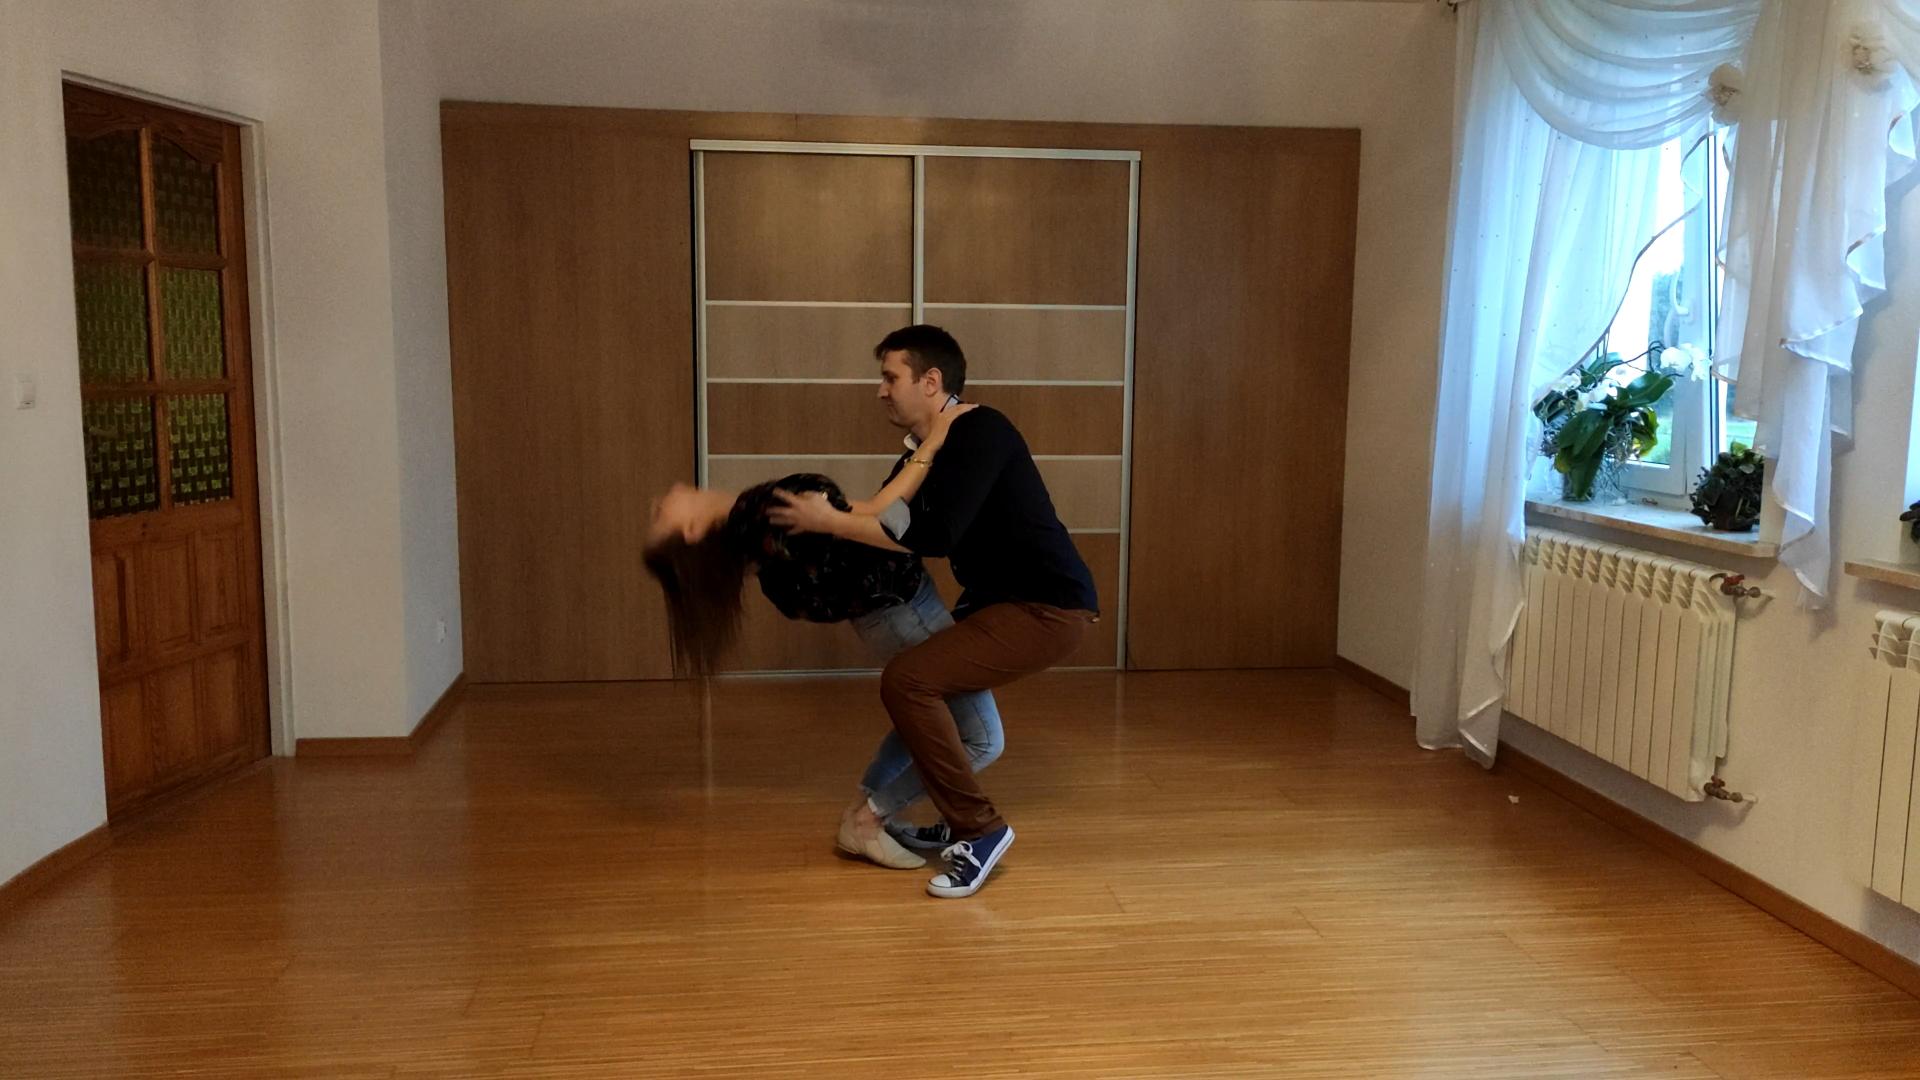 Nauka tańca – rozwój osobisty